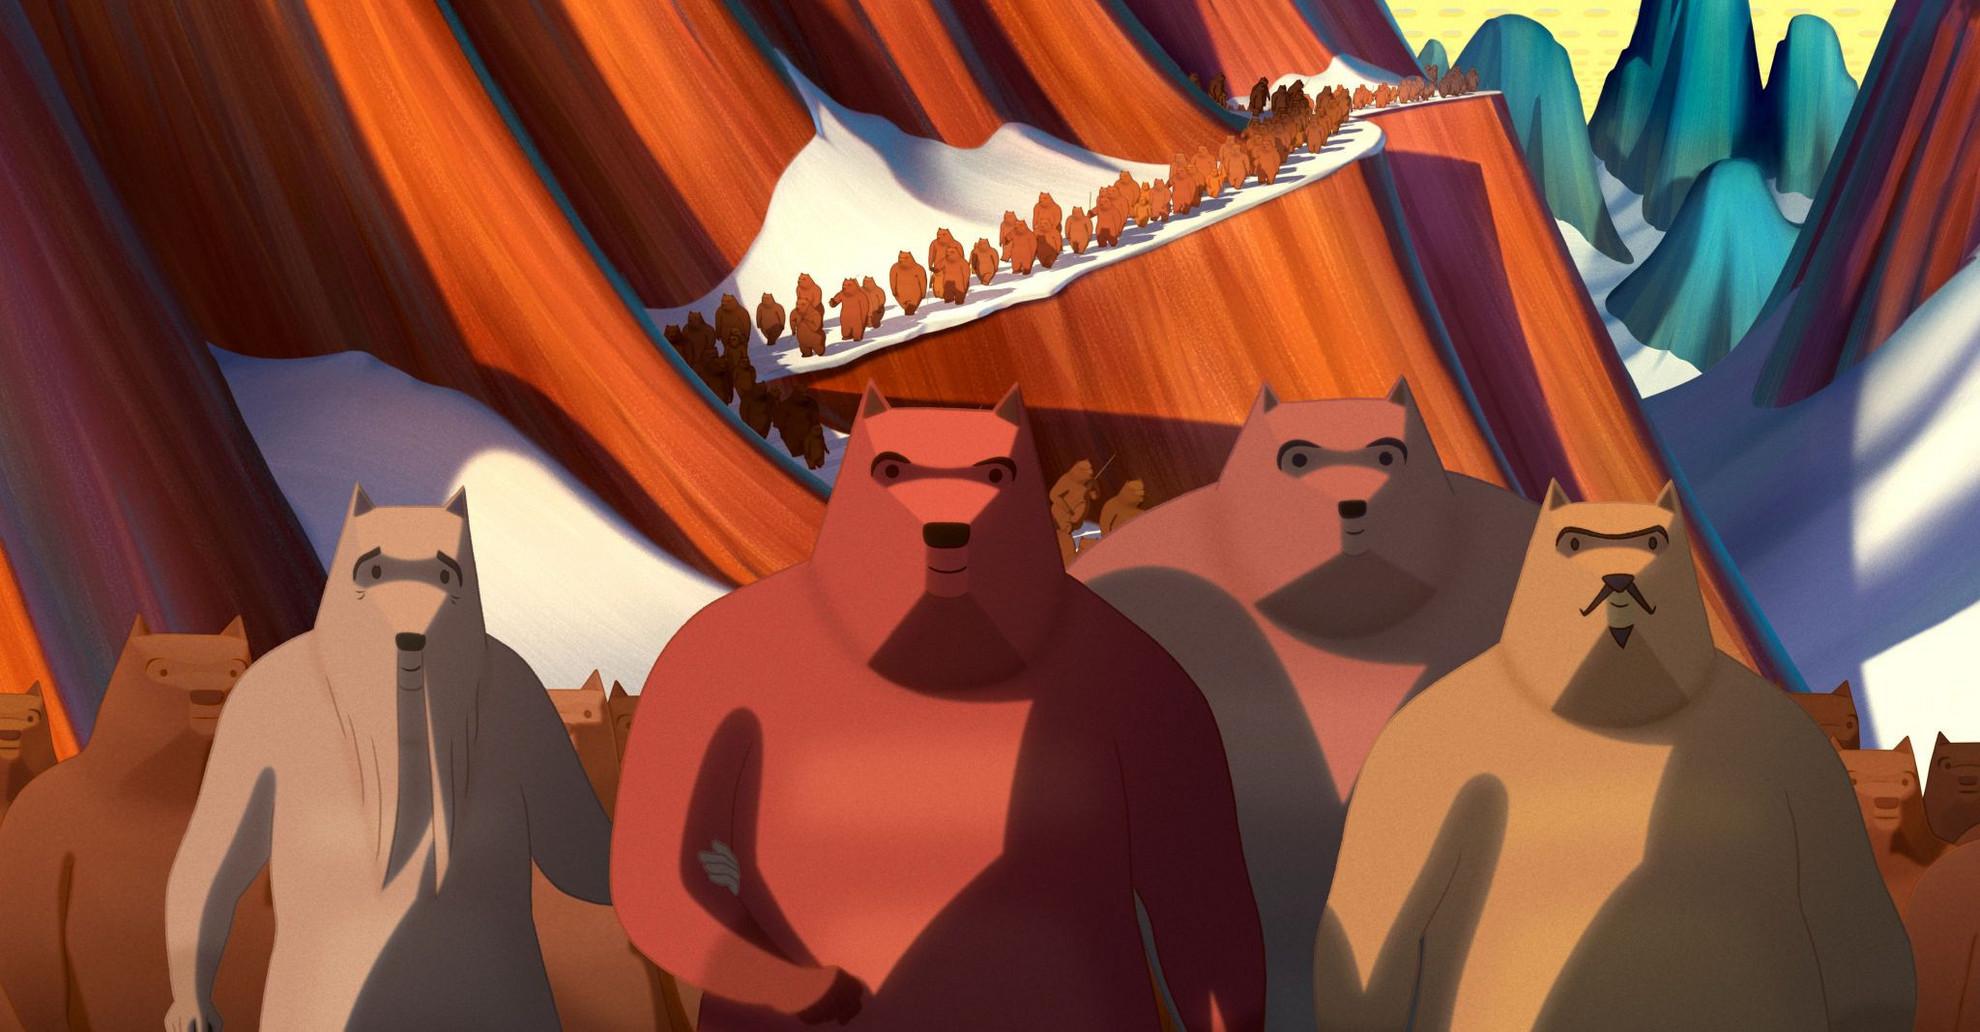 Dino Buzzati Medvevilág Szicíliában című világhírű meséjét Lorenzo Mattotti olasz származású rendező a Kecskemétfilm munkatársaival vitte animációs filmre